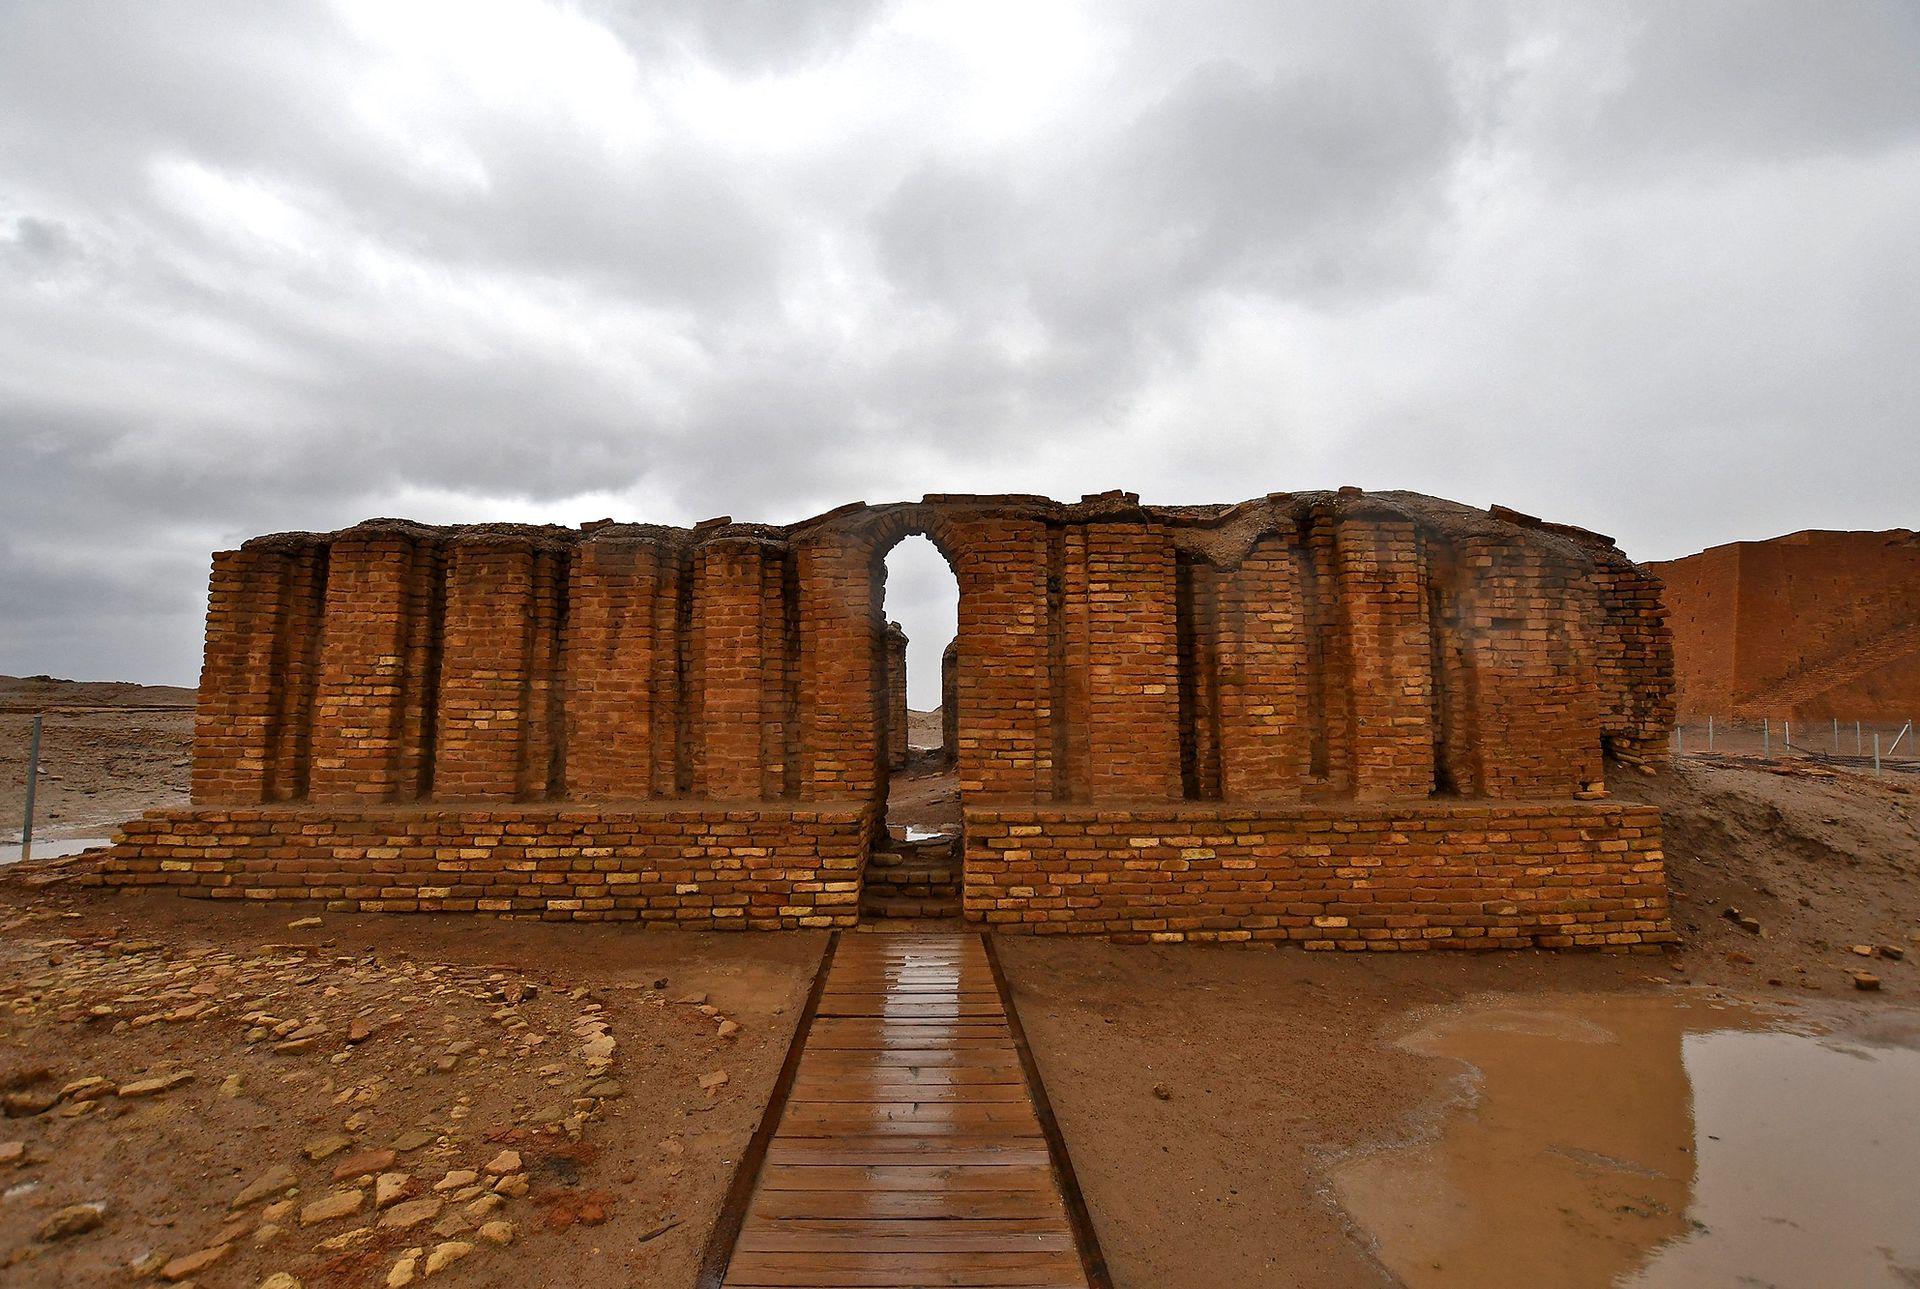 Fundada hace alrededor de seis mil años atrás, Ur fue una de las grandes ciudades de la Mesopotamia y, por ende, de la humanidad. Es donde se cree que nació Abraham, el padre de tres religiones: el judaísmo, el cristianismo y el islam